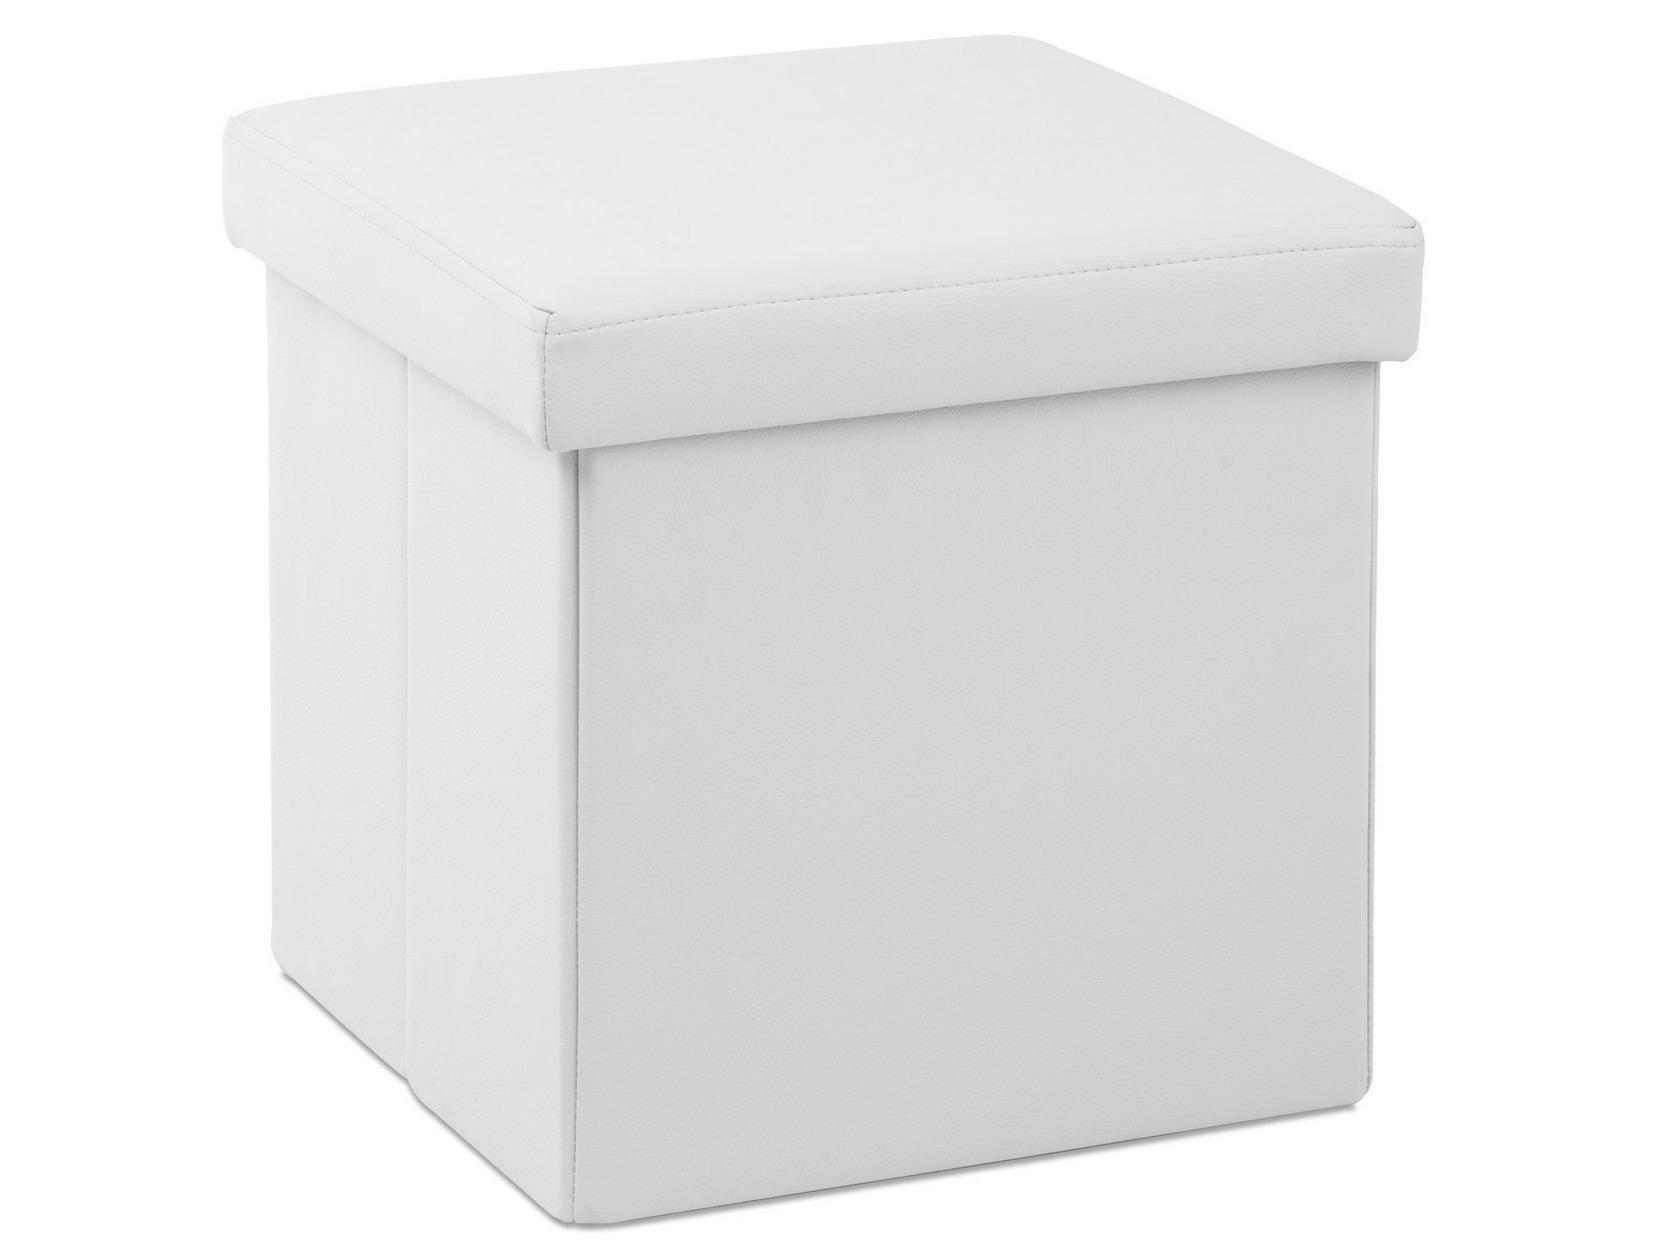 Кожаный пуф квадратный 178-37443